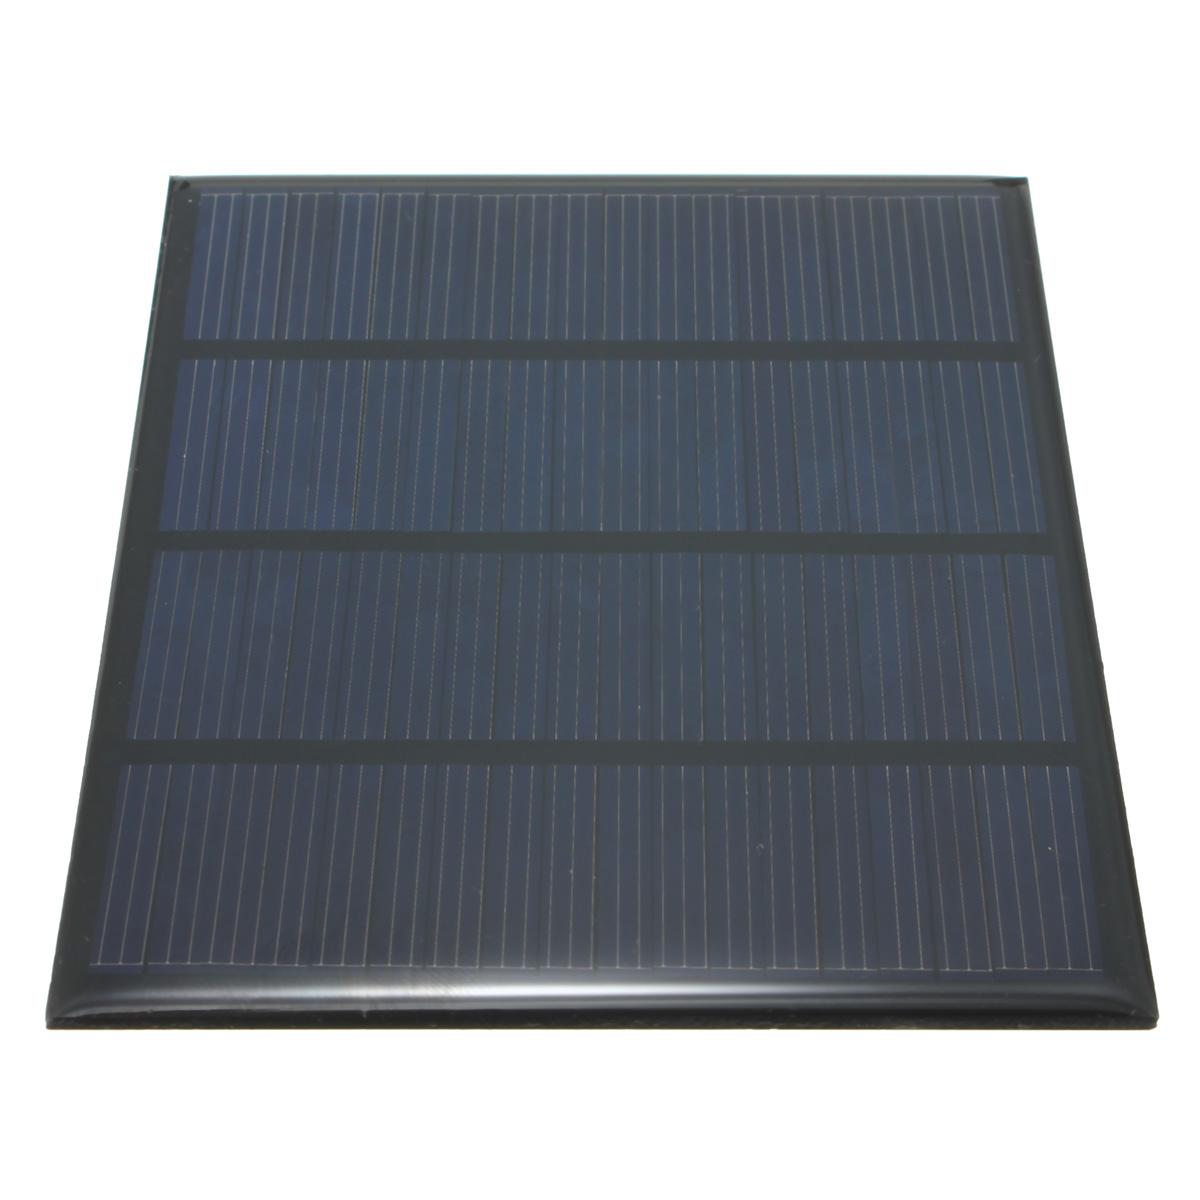 High quality 12V 1 5W Epoxy Solar Panels Mini Solar Cells Polycrystalline Silicon Solar DIY Solar